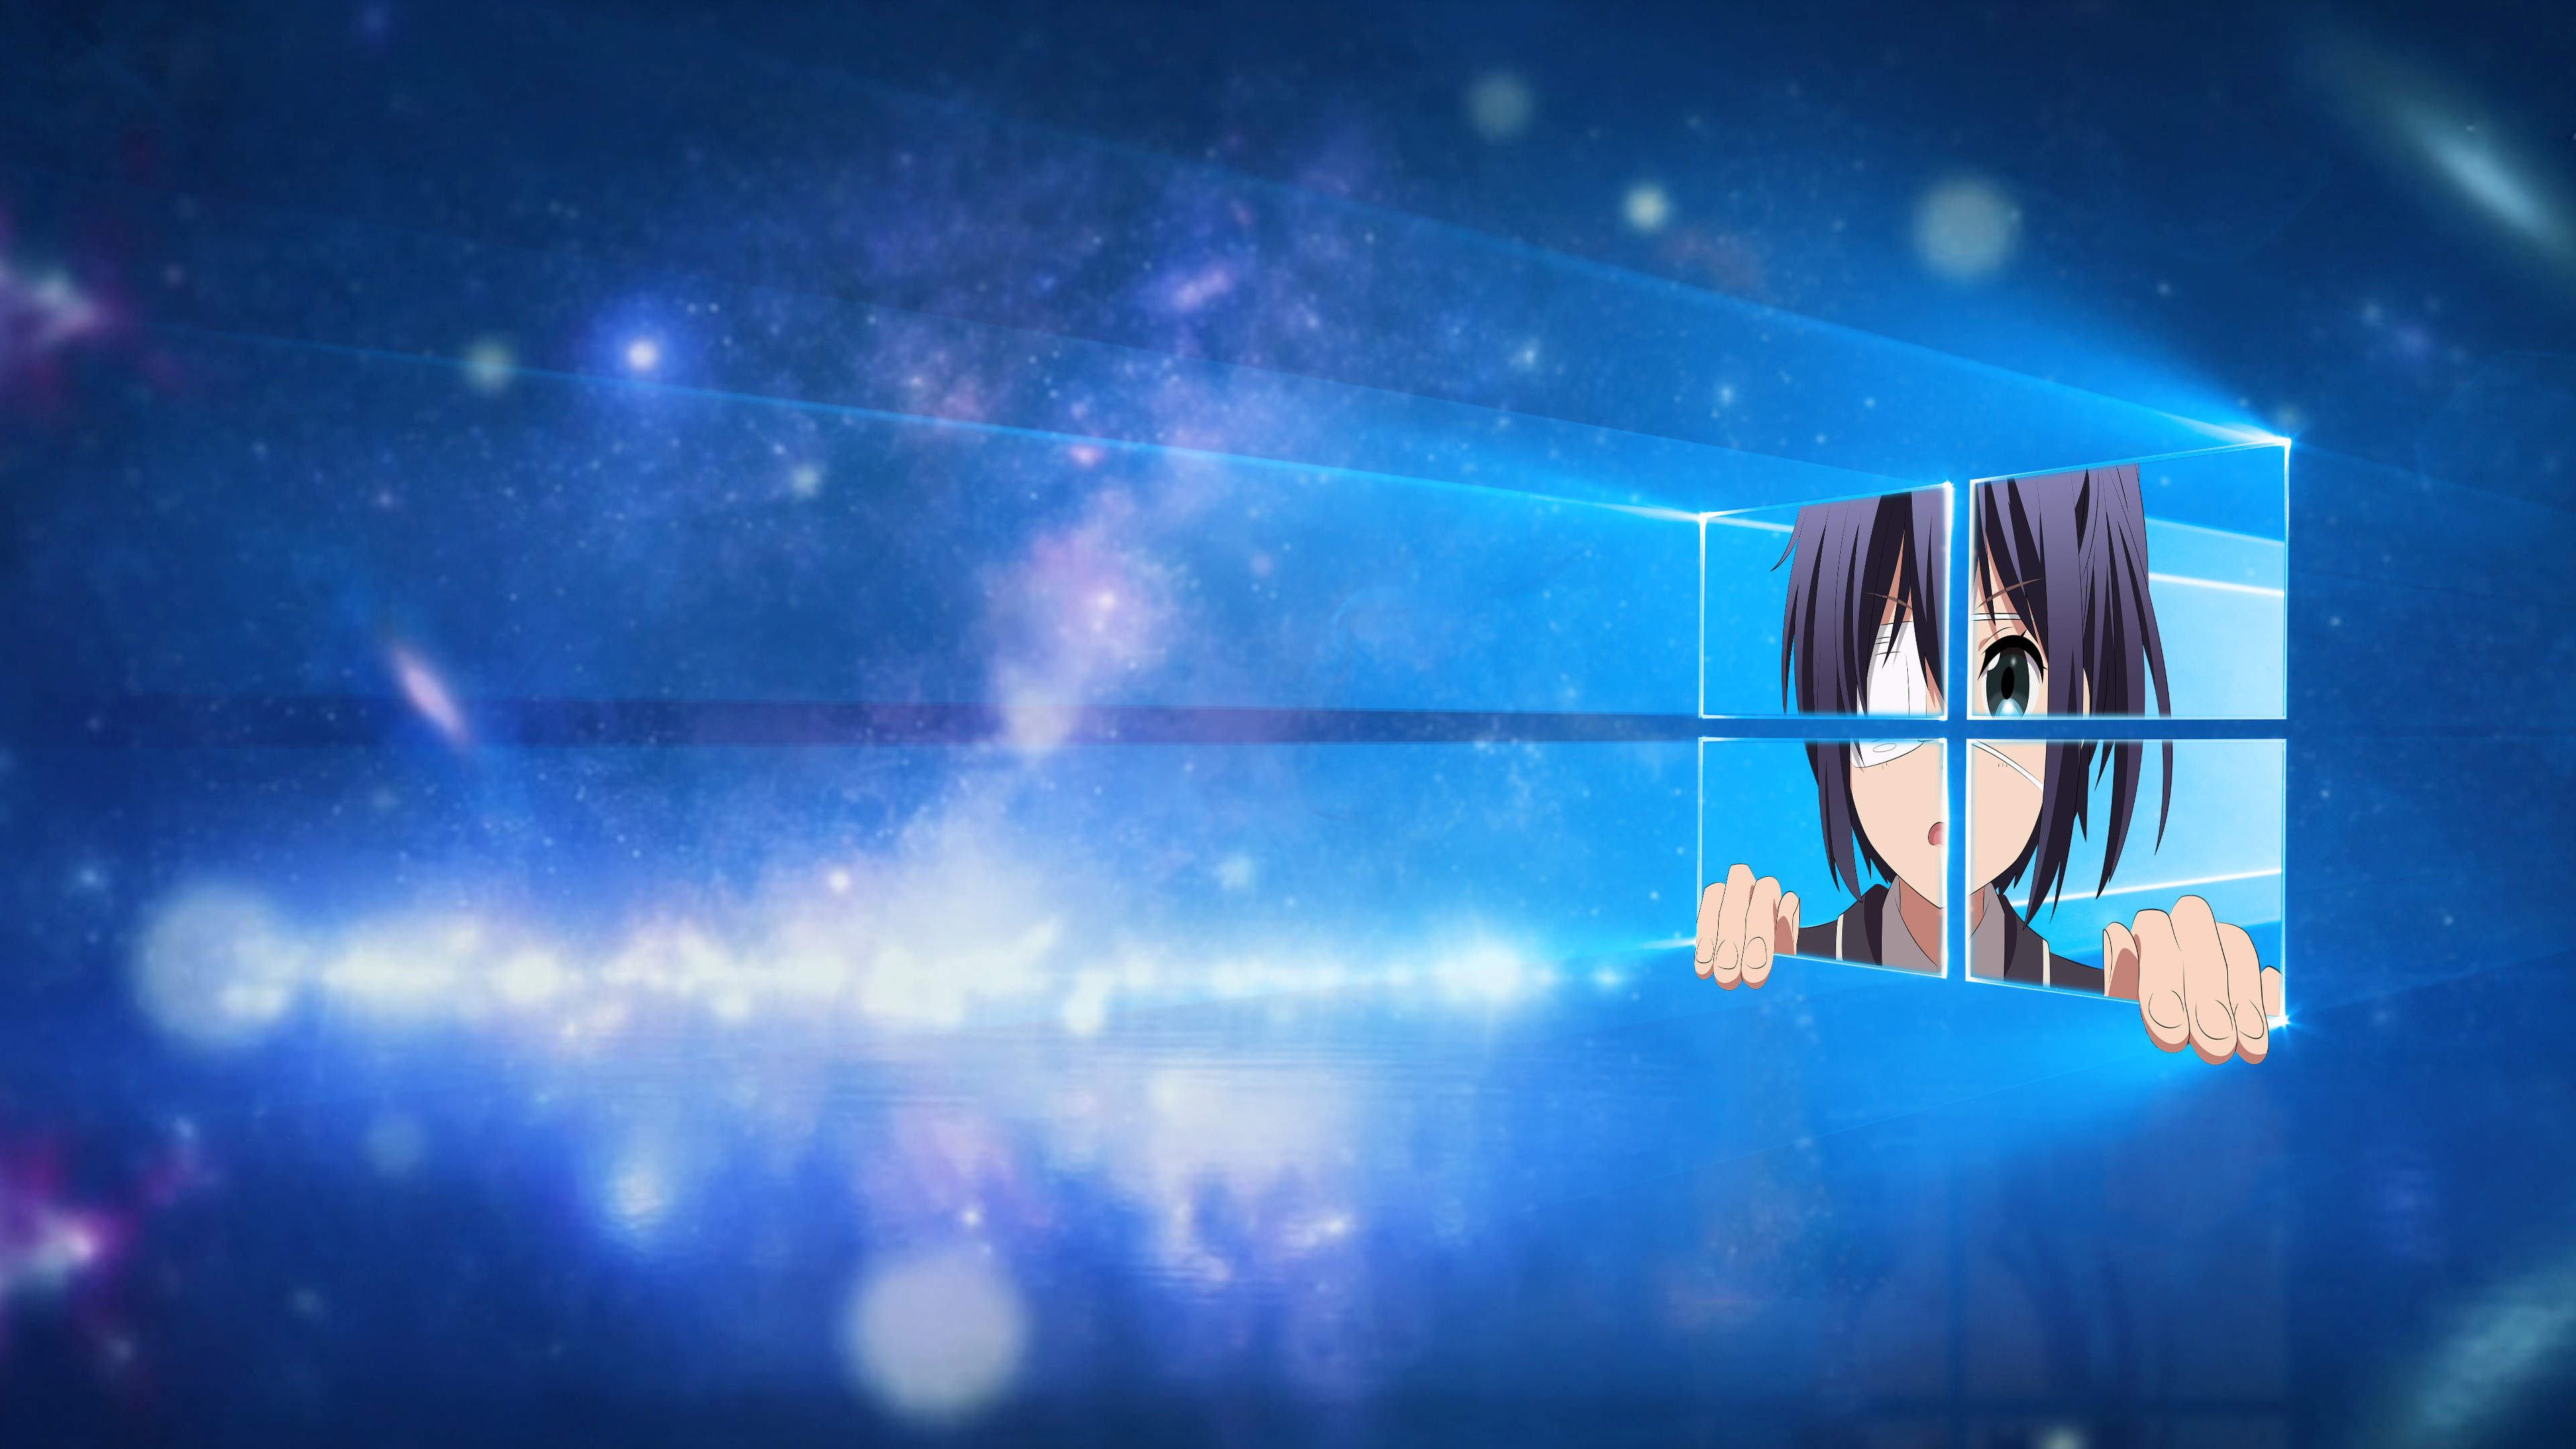 Free Download Shitai Girl Anime Windows 10 Rikka Takanashi Windows